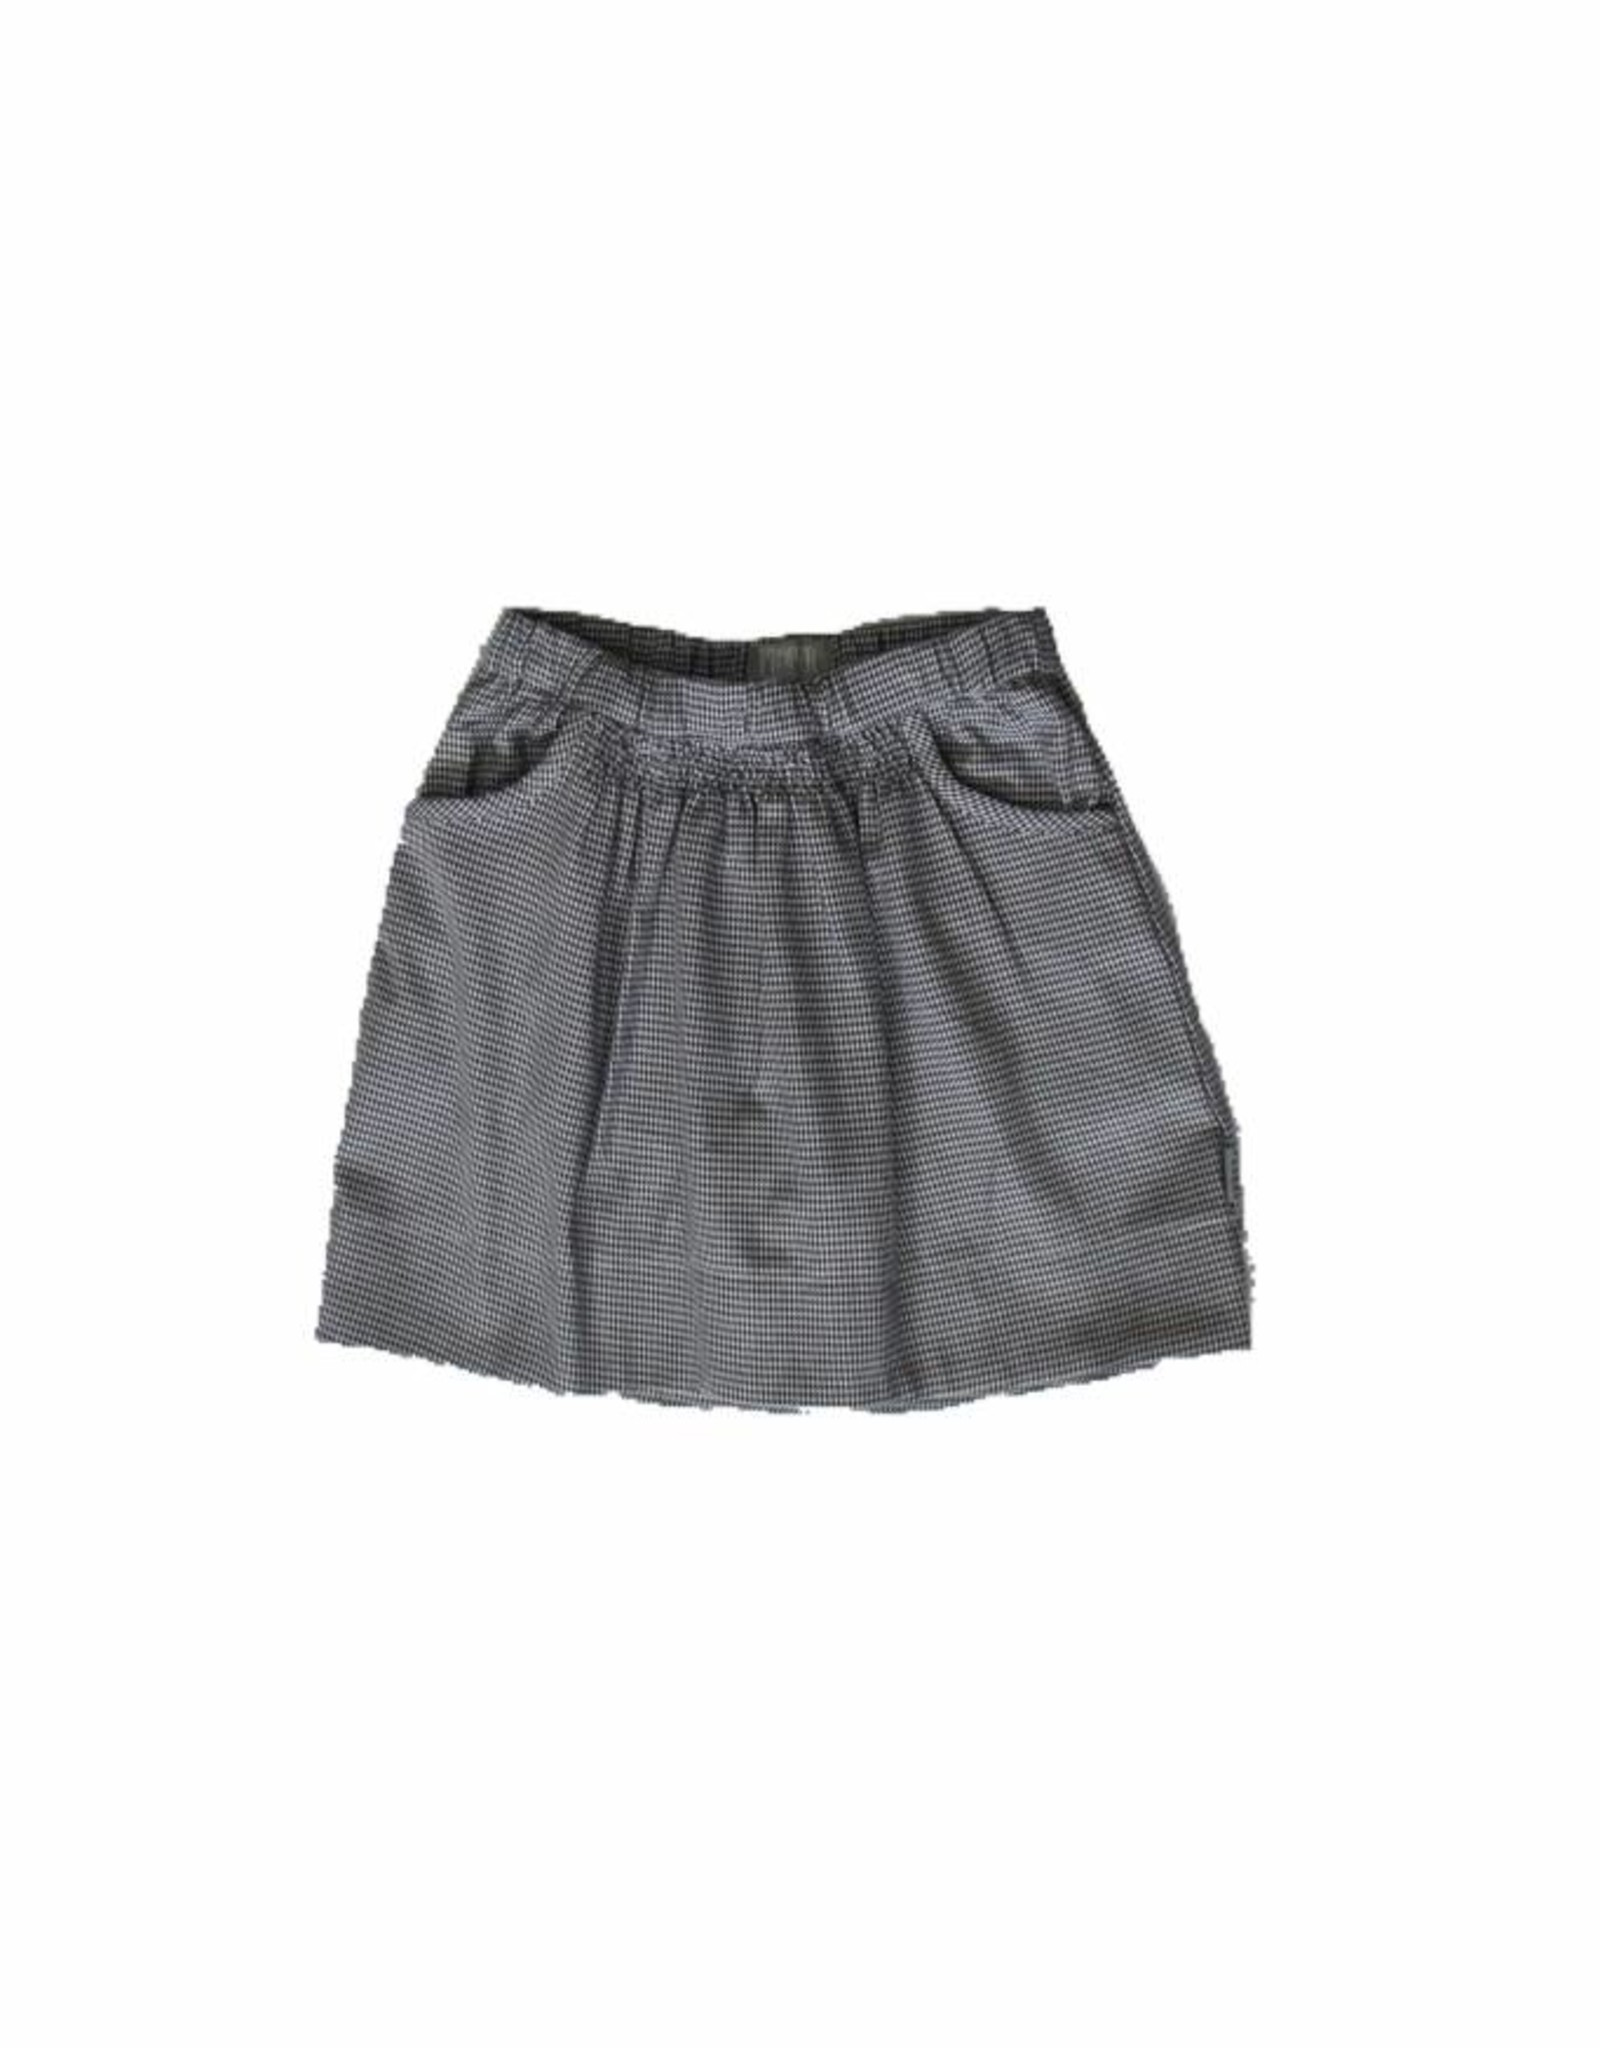 Proper Uniforms SKORT-Pockets Adult